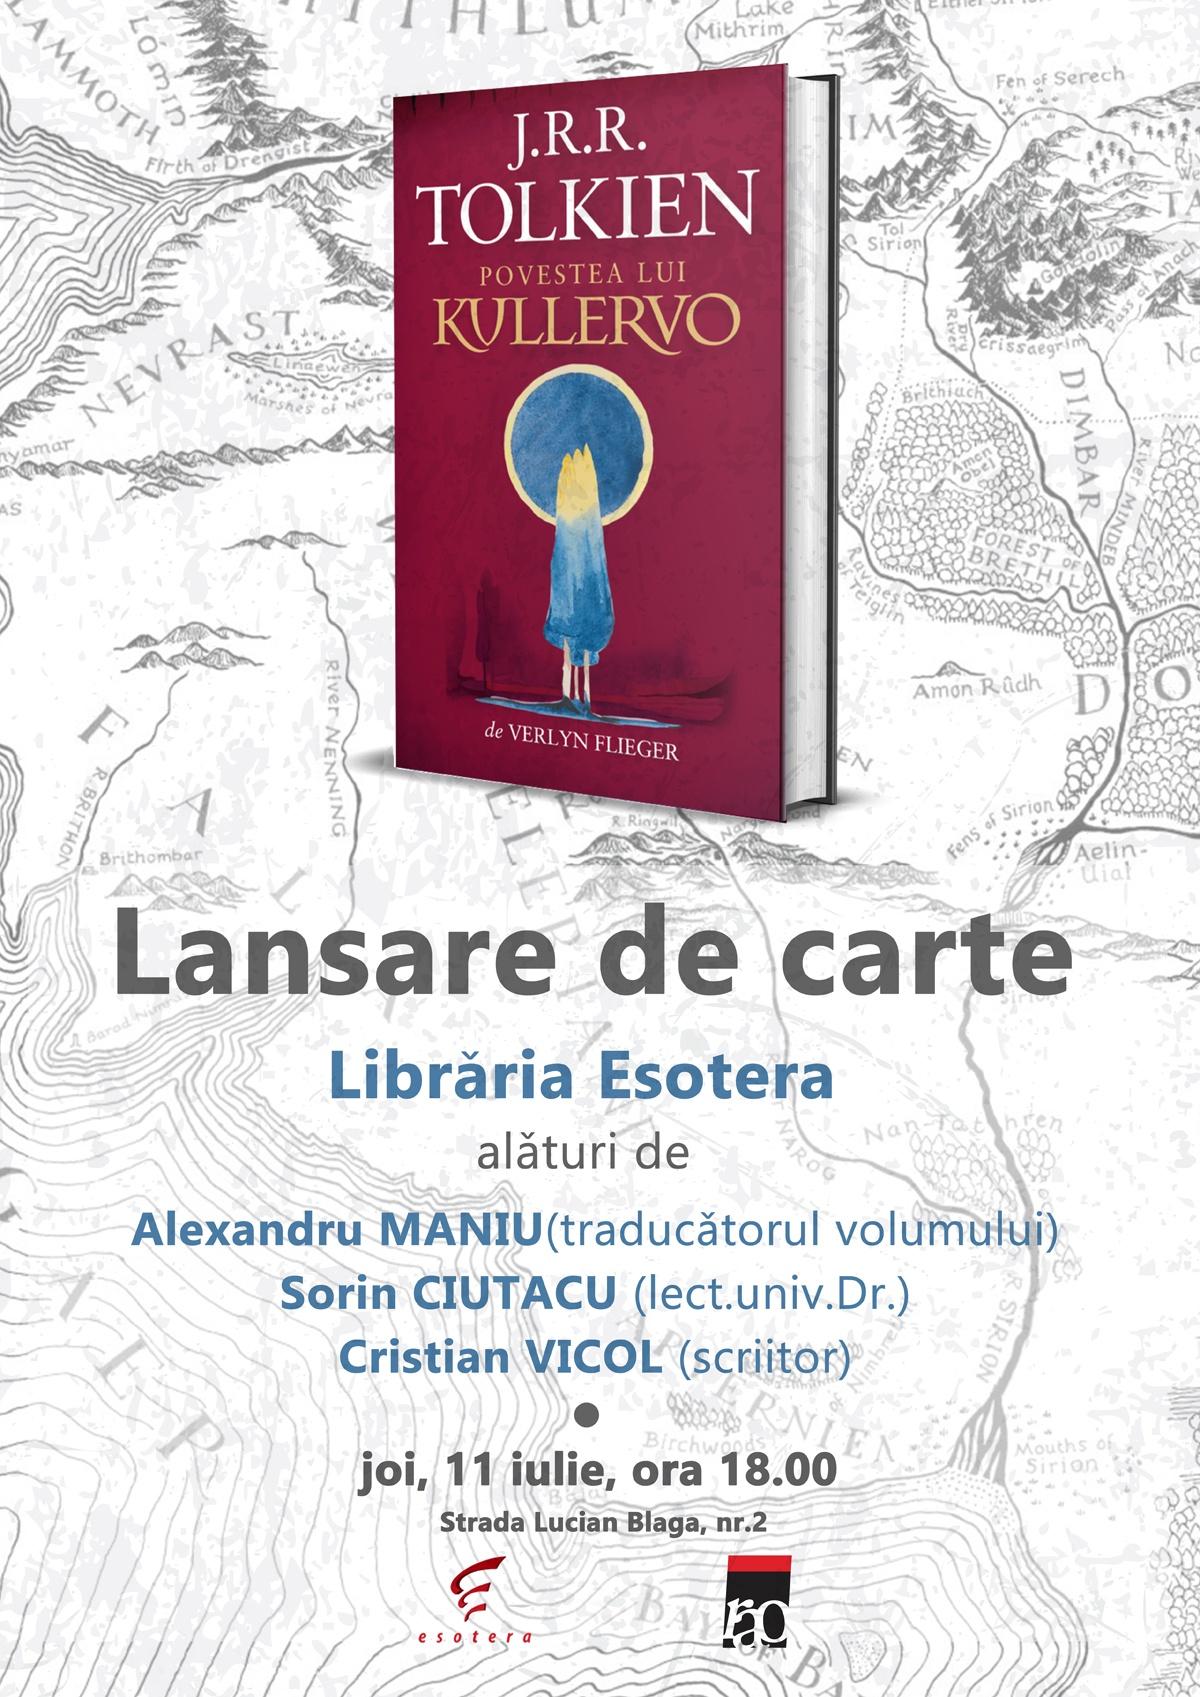 Povestea lui Kullervo lansare Esotera